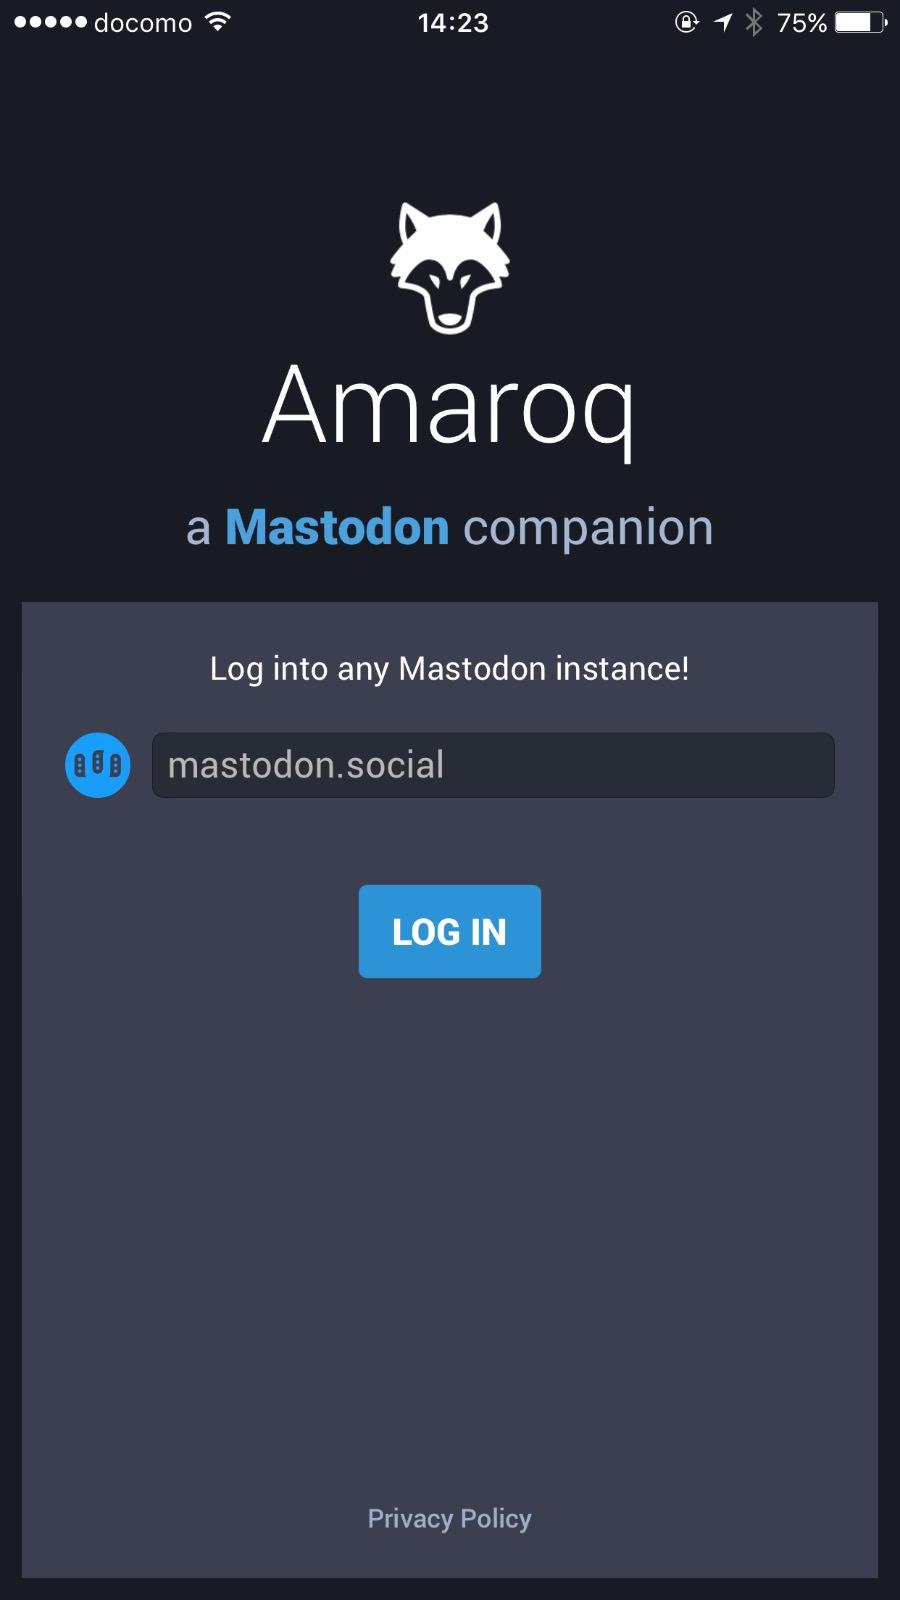 Amaroq 782